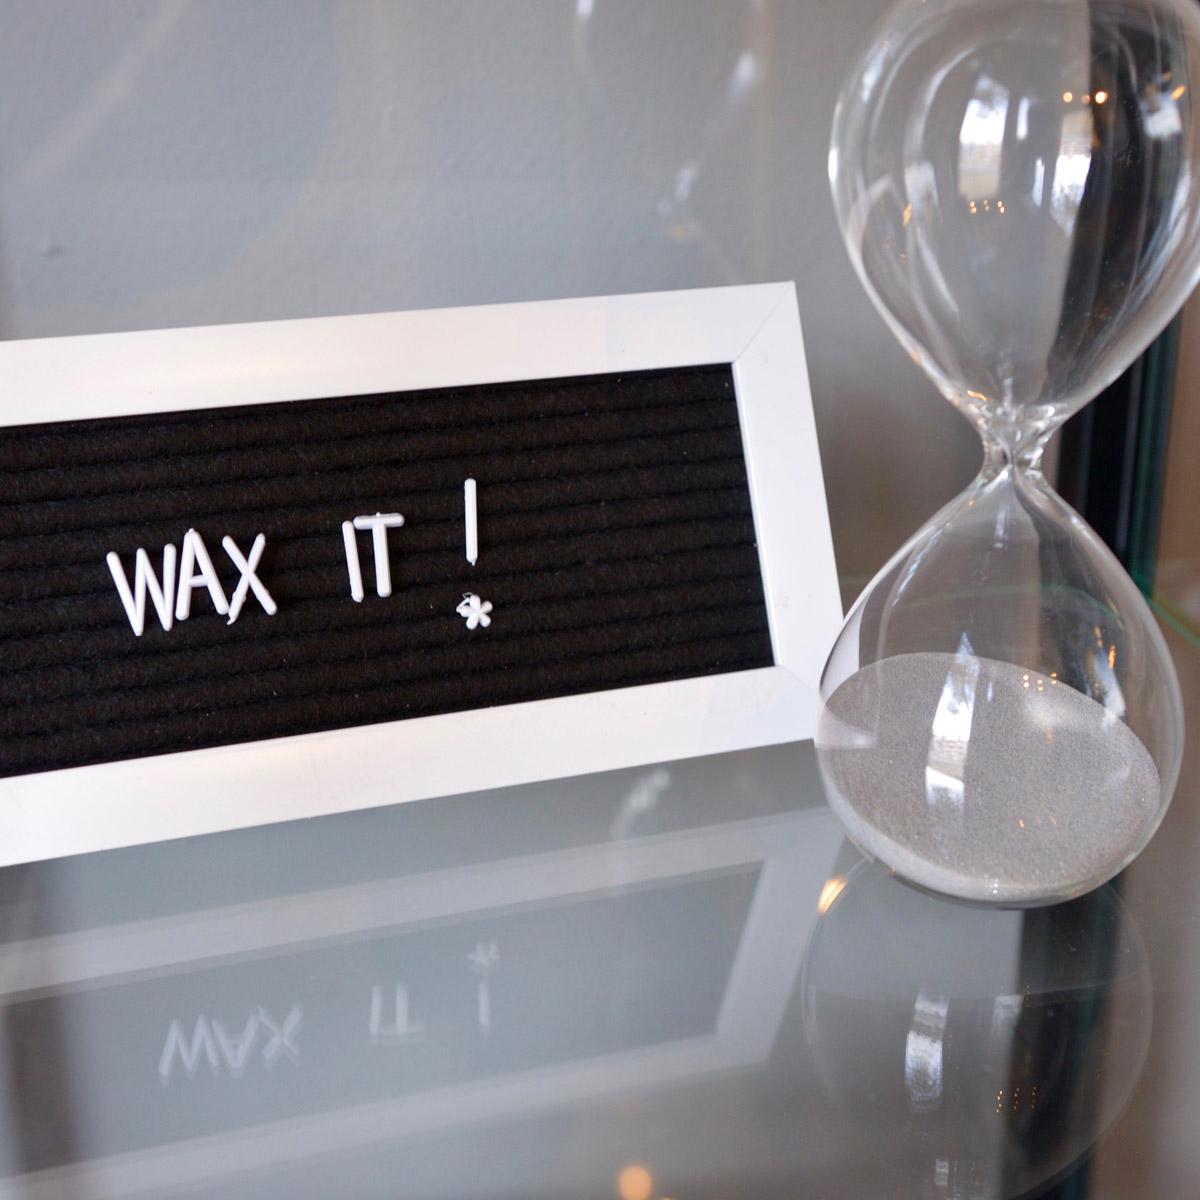 Wax It - Bliss Body Waxing Studio